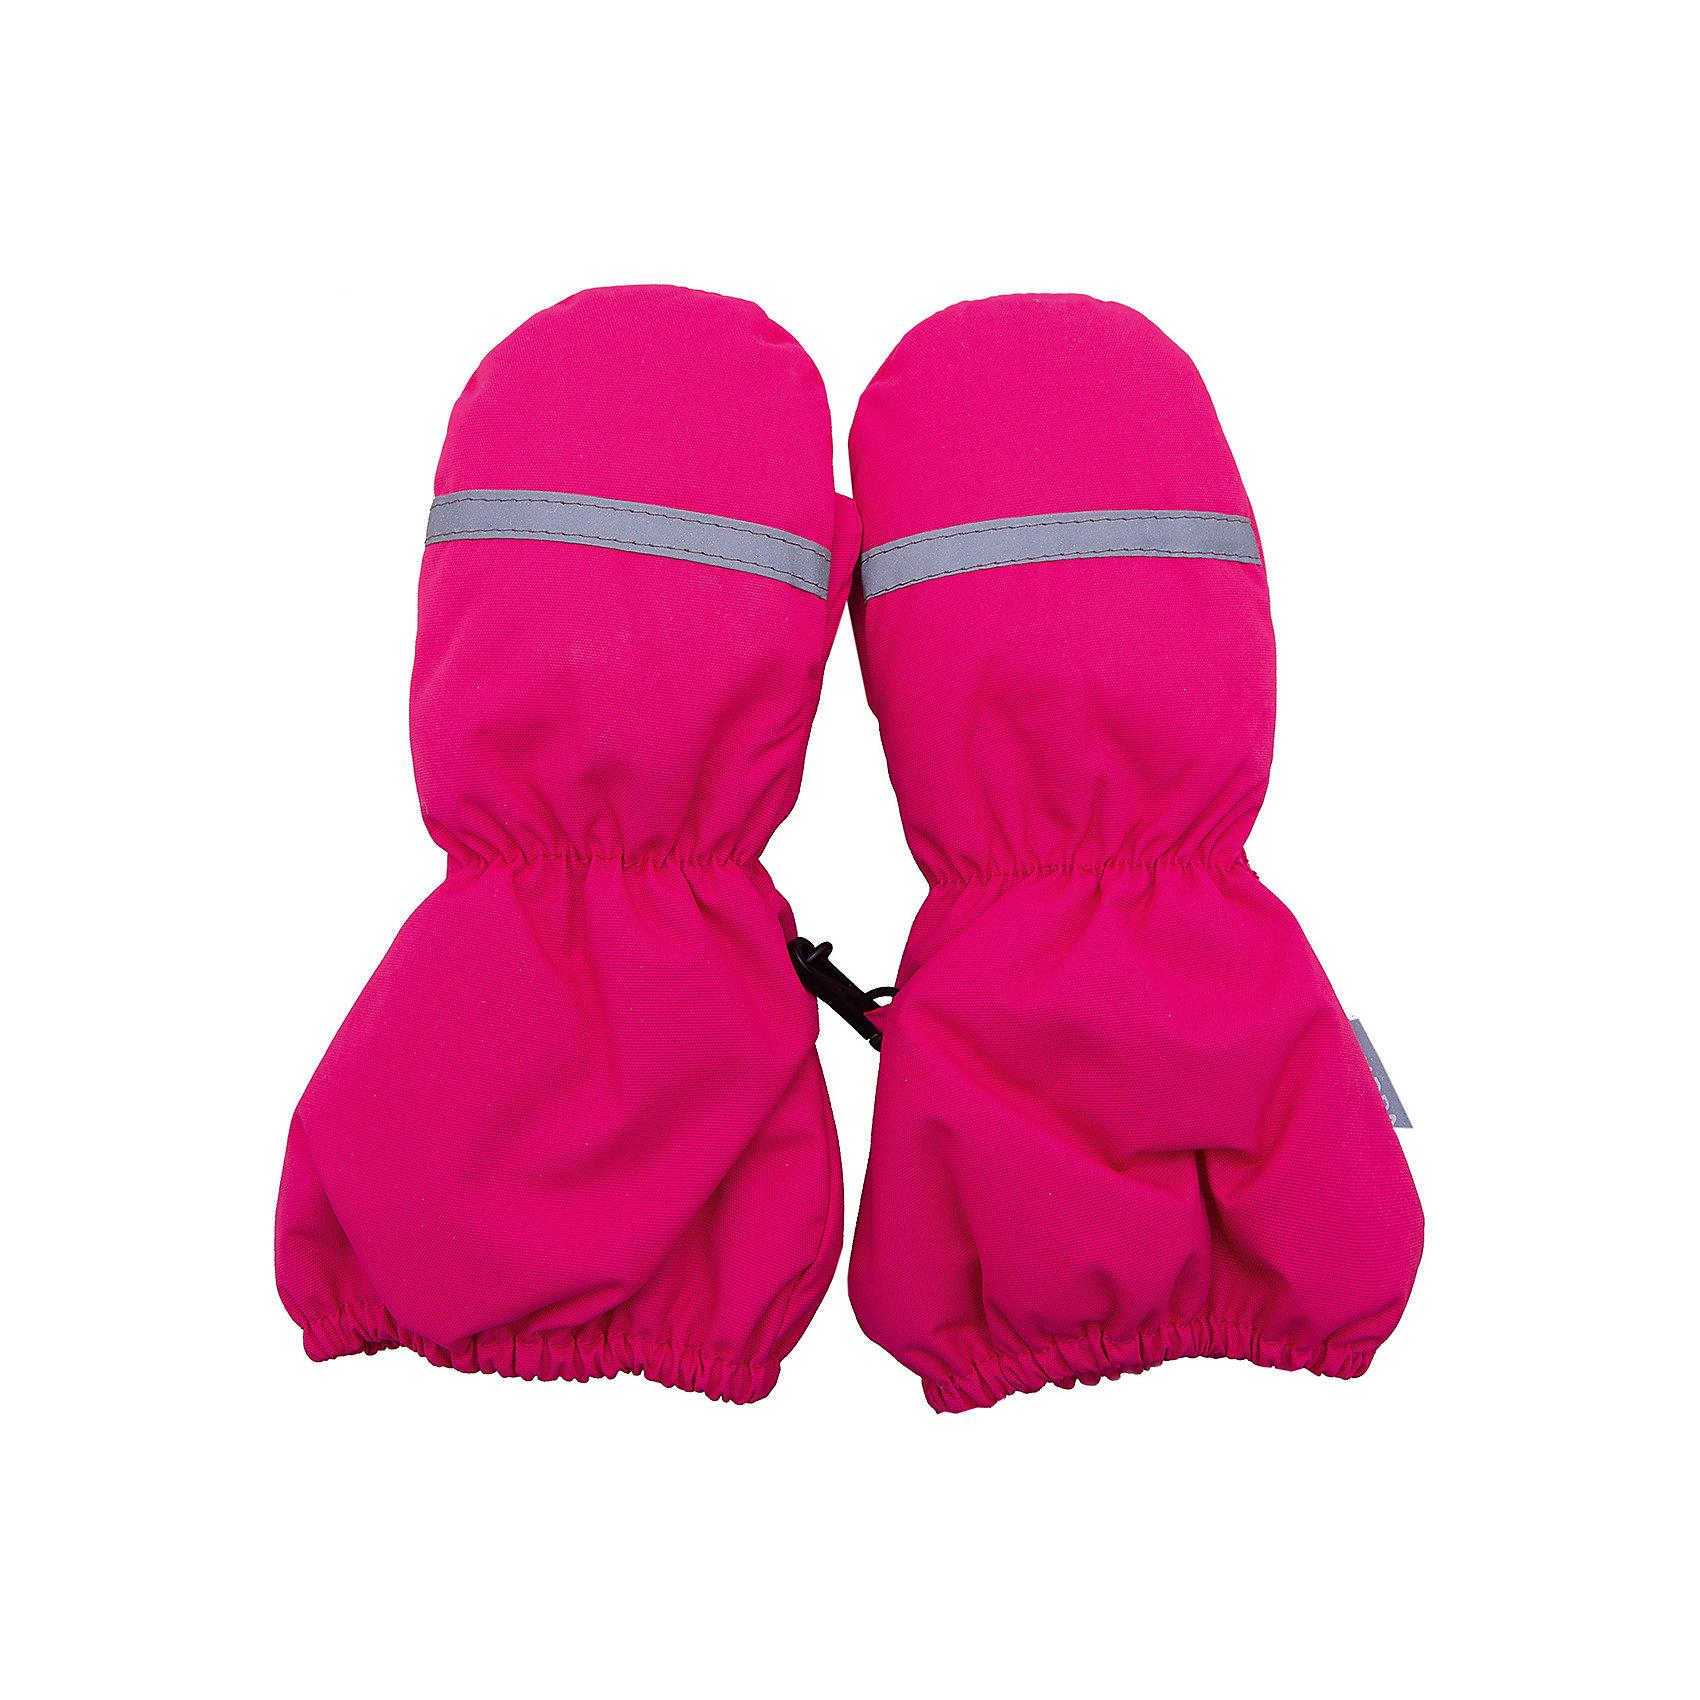 Варежки    HuppaПерчатки, варежки<br>Классические зимние варежки Ron от Huppa(Хуппа).<br><br>Утеплитель: 100% полиэстер, 90 гр.<br><br>Температурный режим: до -20 градусов. Степень утепления – средняя. <br><br>* Температурный режим указан приблизительно — необходимо, прежде всего, ориентироваться на ощущения ребенка. Температурный режим работает в случае соблюдения правила многослойности – использования флисовой поддевы и термобелья.<br><br>Изготовлены из полиэстера, приятного телу. Имеют светоотражающие полоски, резинки на запястье и основании, благодаря которым варежки будут хорошо держаться на руках. С помощью боковых зажимов, варежки можно соединить после прогулки. Прекрасный выбор для прогулок зимой.<br><br>Дополнительная информация:<br>Цвет: розовый<br>Материал: 100% полиэстер<br>Подкладка: pritex, 100% полиэстер<br><br>Вы можете купить варежки Ron Huppa в нашем интернет-магазине.<br><br>Ширина мм: 162<br>Глубина мм: 171<br>Высота мм: 55<br>Вес г: 119<br>Цвет: розовый<br>Возраст от месяцев: 36<br>Возраст до месяцев: 48<br>Пол: Женский<br>Возраст: Детский<br>Размер: 4,3,5,2,1,0<br>SKU: 4923684